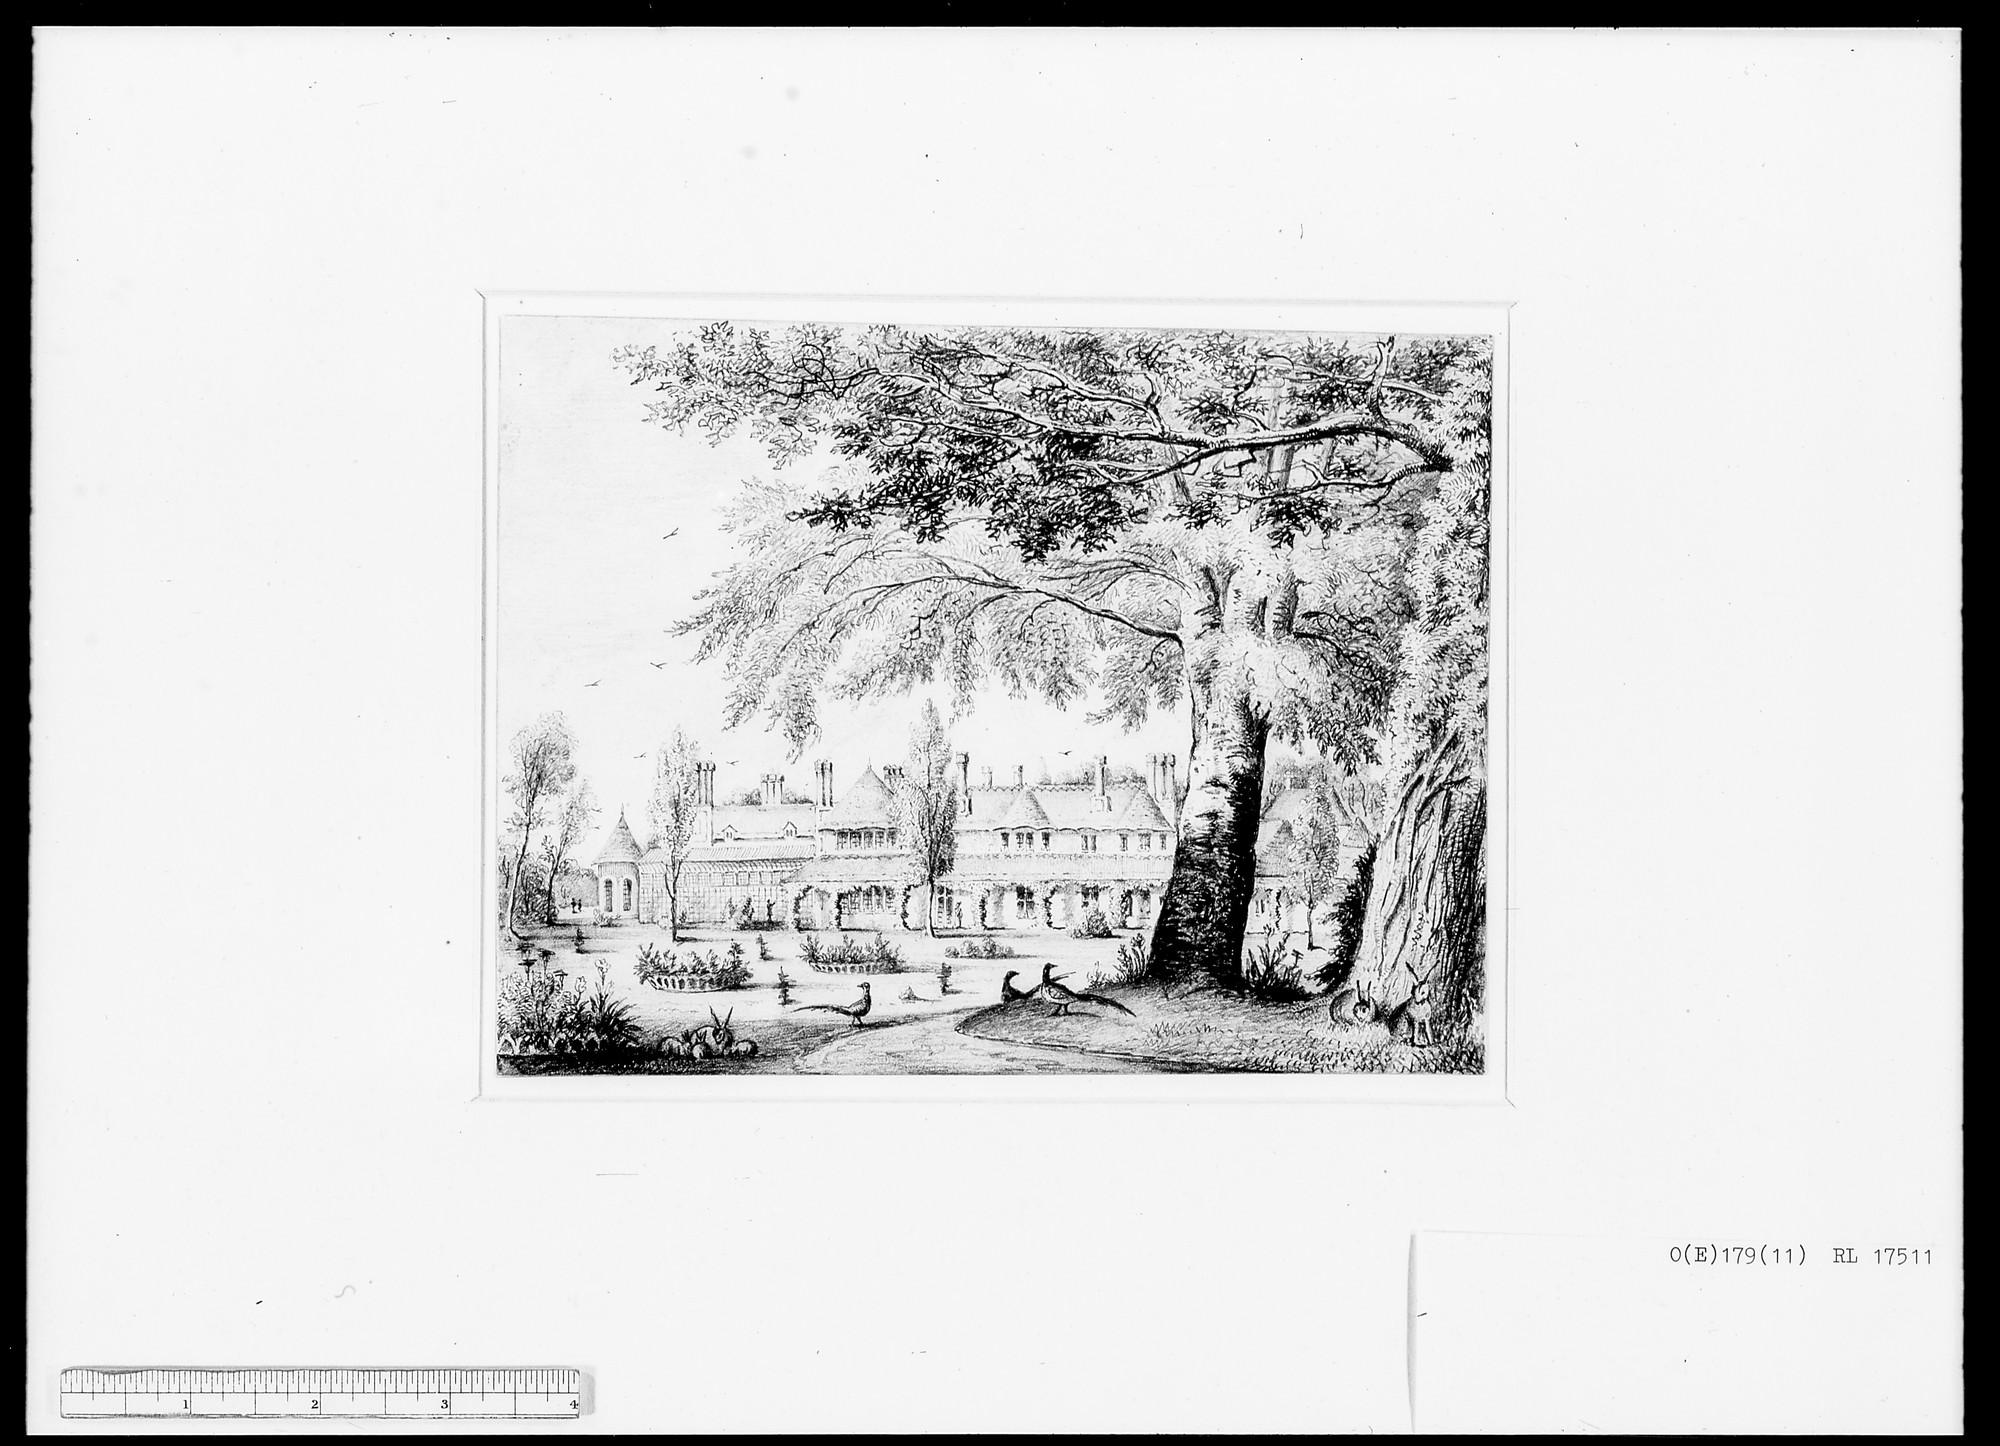 William Alfred Delamotte (1775-1863) - Royal Cottage